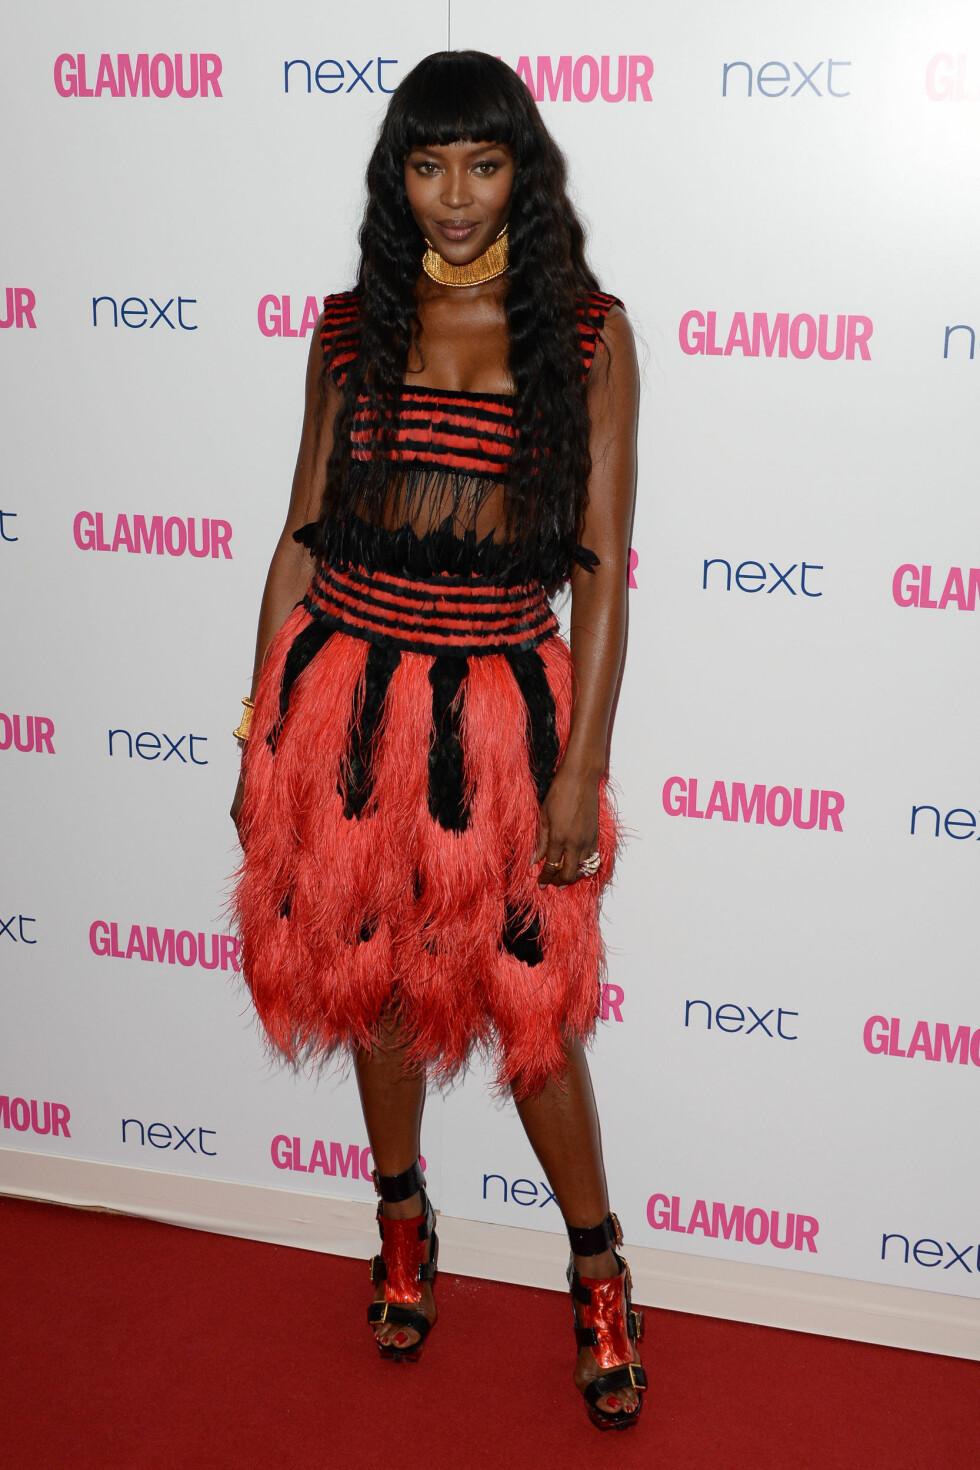 FJÆR: Naomi Campbells spesielle fjærkjole i rødt og sort, kombinert med voldsomme sko og smykker på Glamour Awards i juni, ble nok for mye for Seoghør.nos lesere - som trillet terningen til én. Foto: Stella Pictures